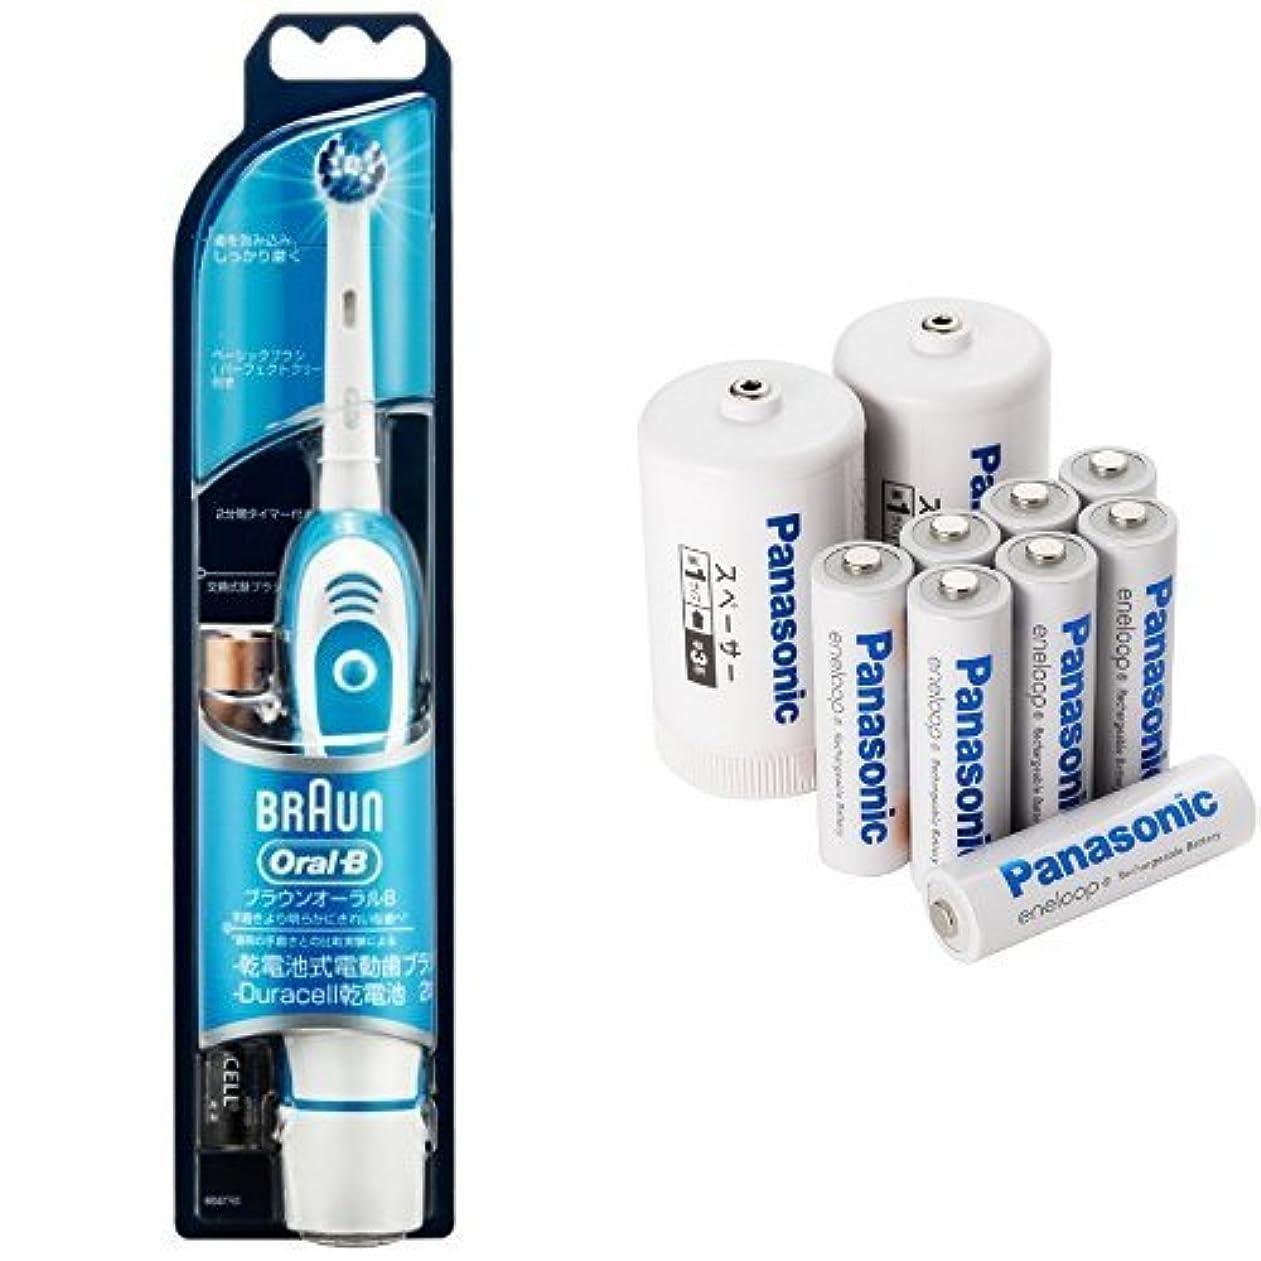 一タフアブセイブラウン オーラルB プラックコントロール DB4510NE 電動歯ブラシ 乾電池式 + eneloop 単3形充電池 8本パック BK-3MCC/8FA セット